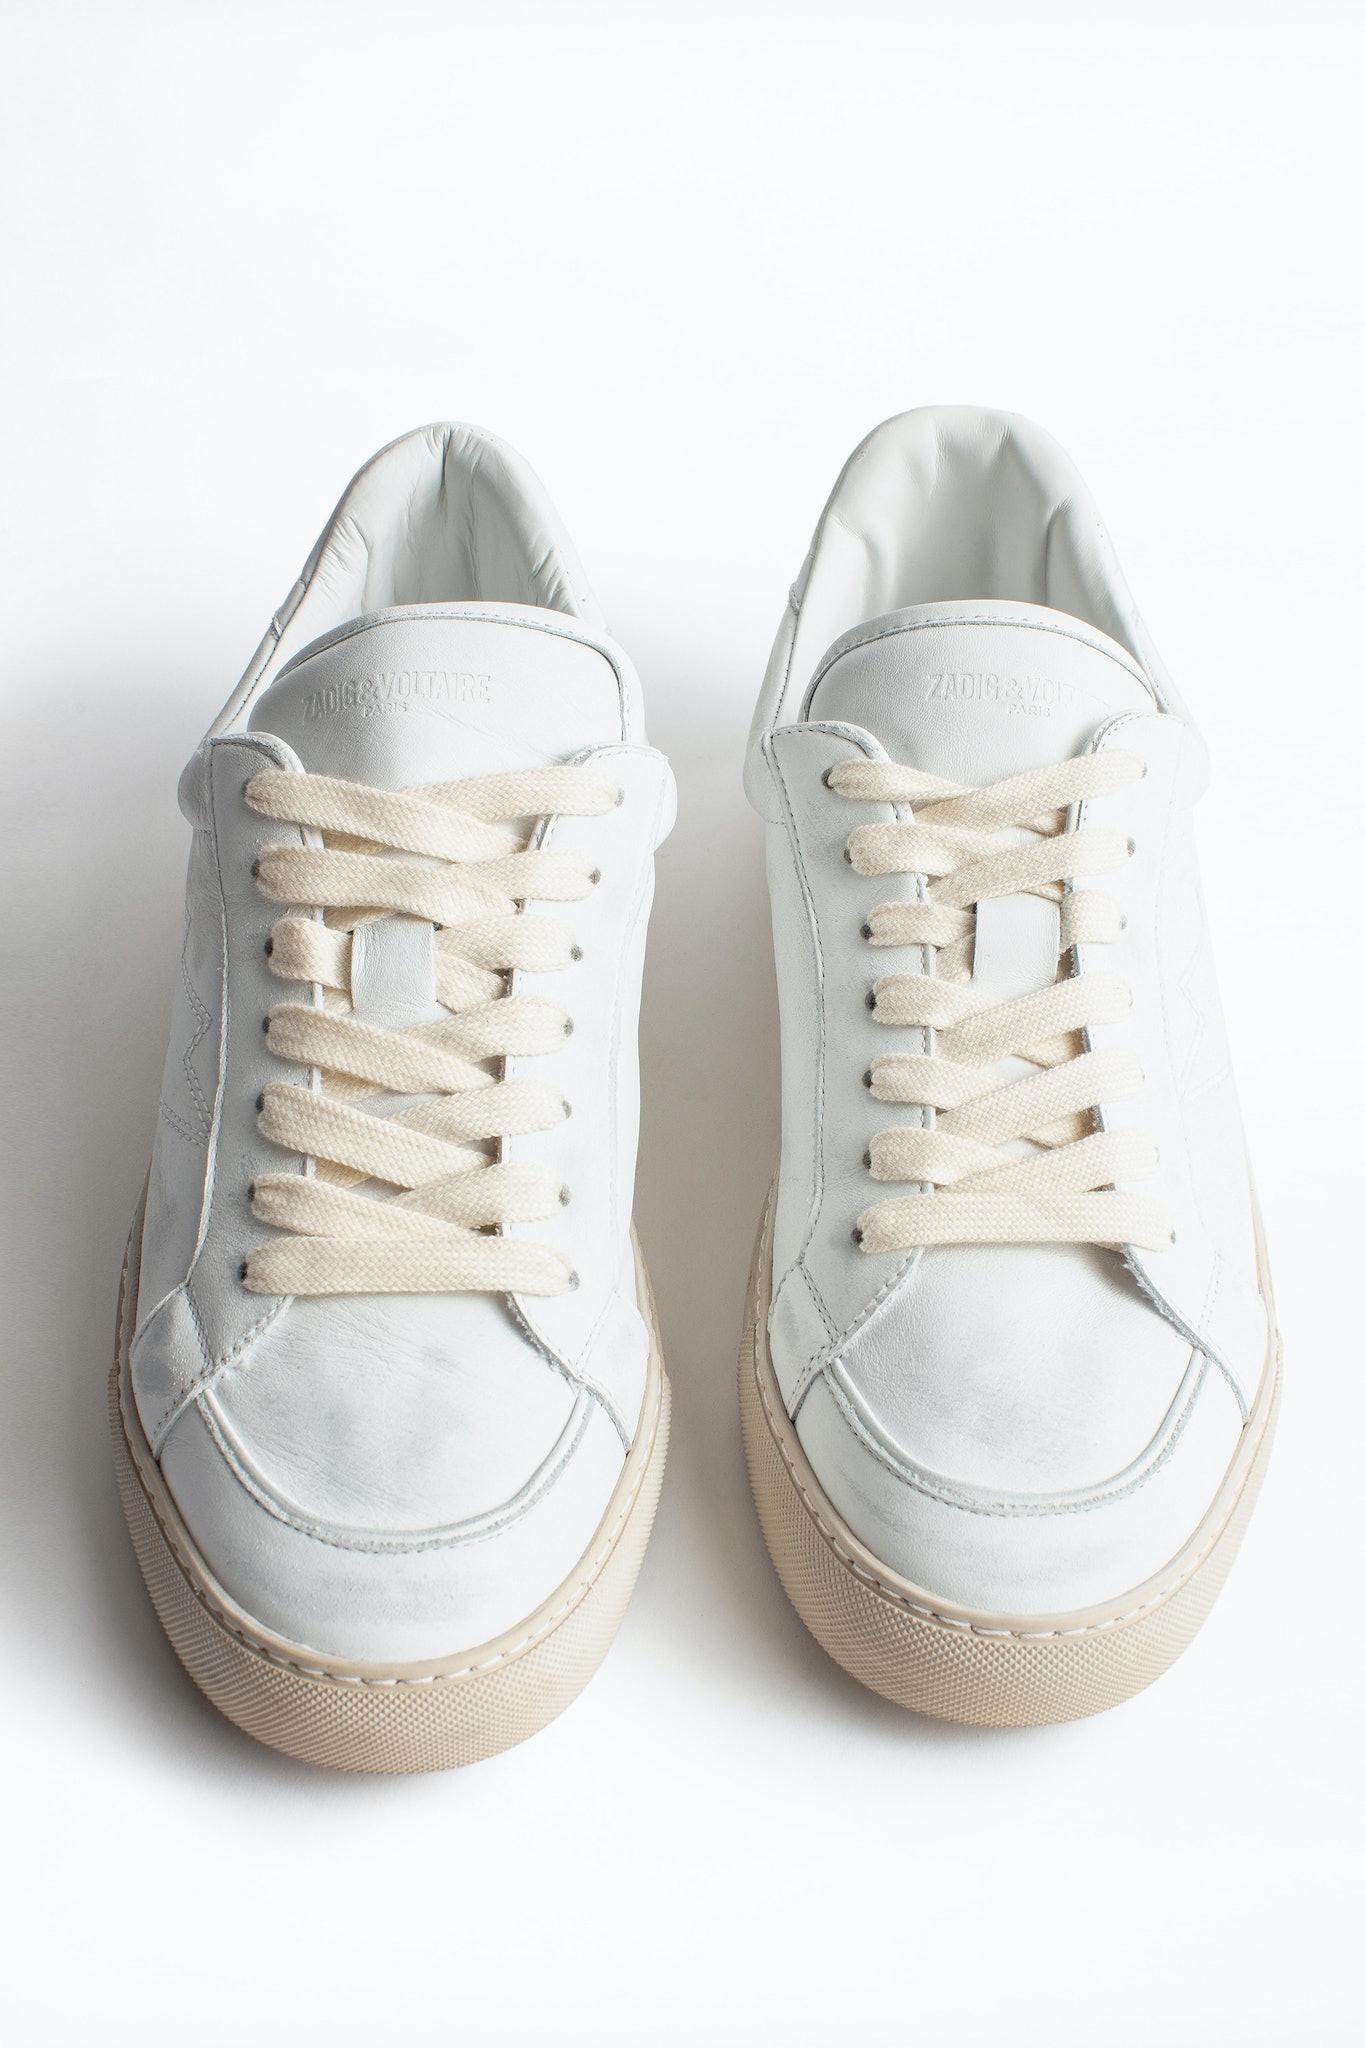 ZV1747 Low Used Men Sneakers